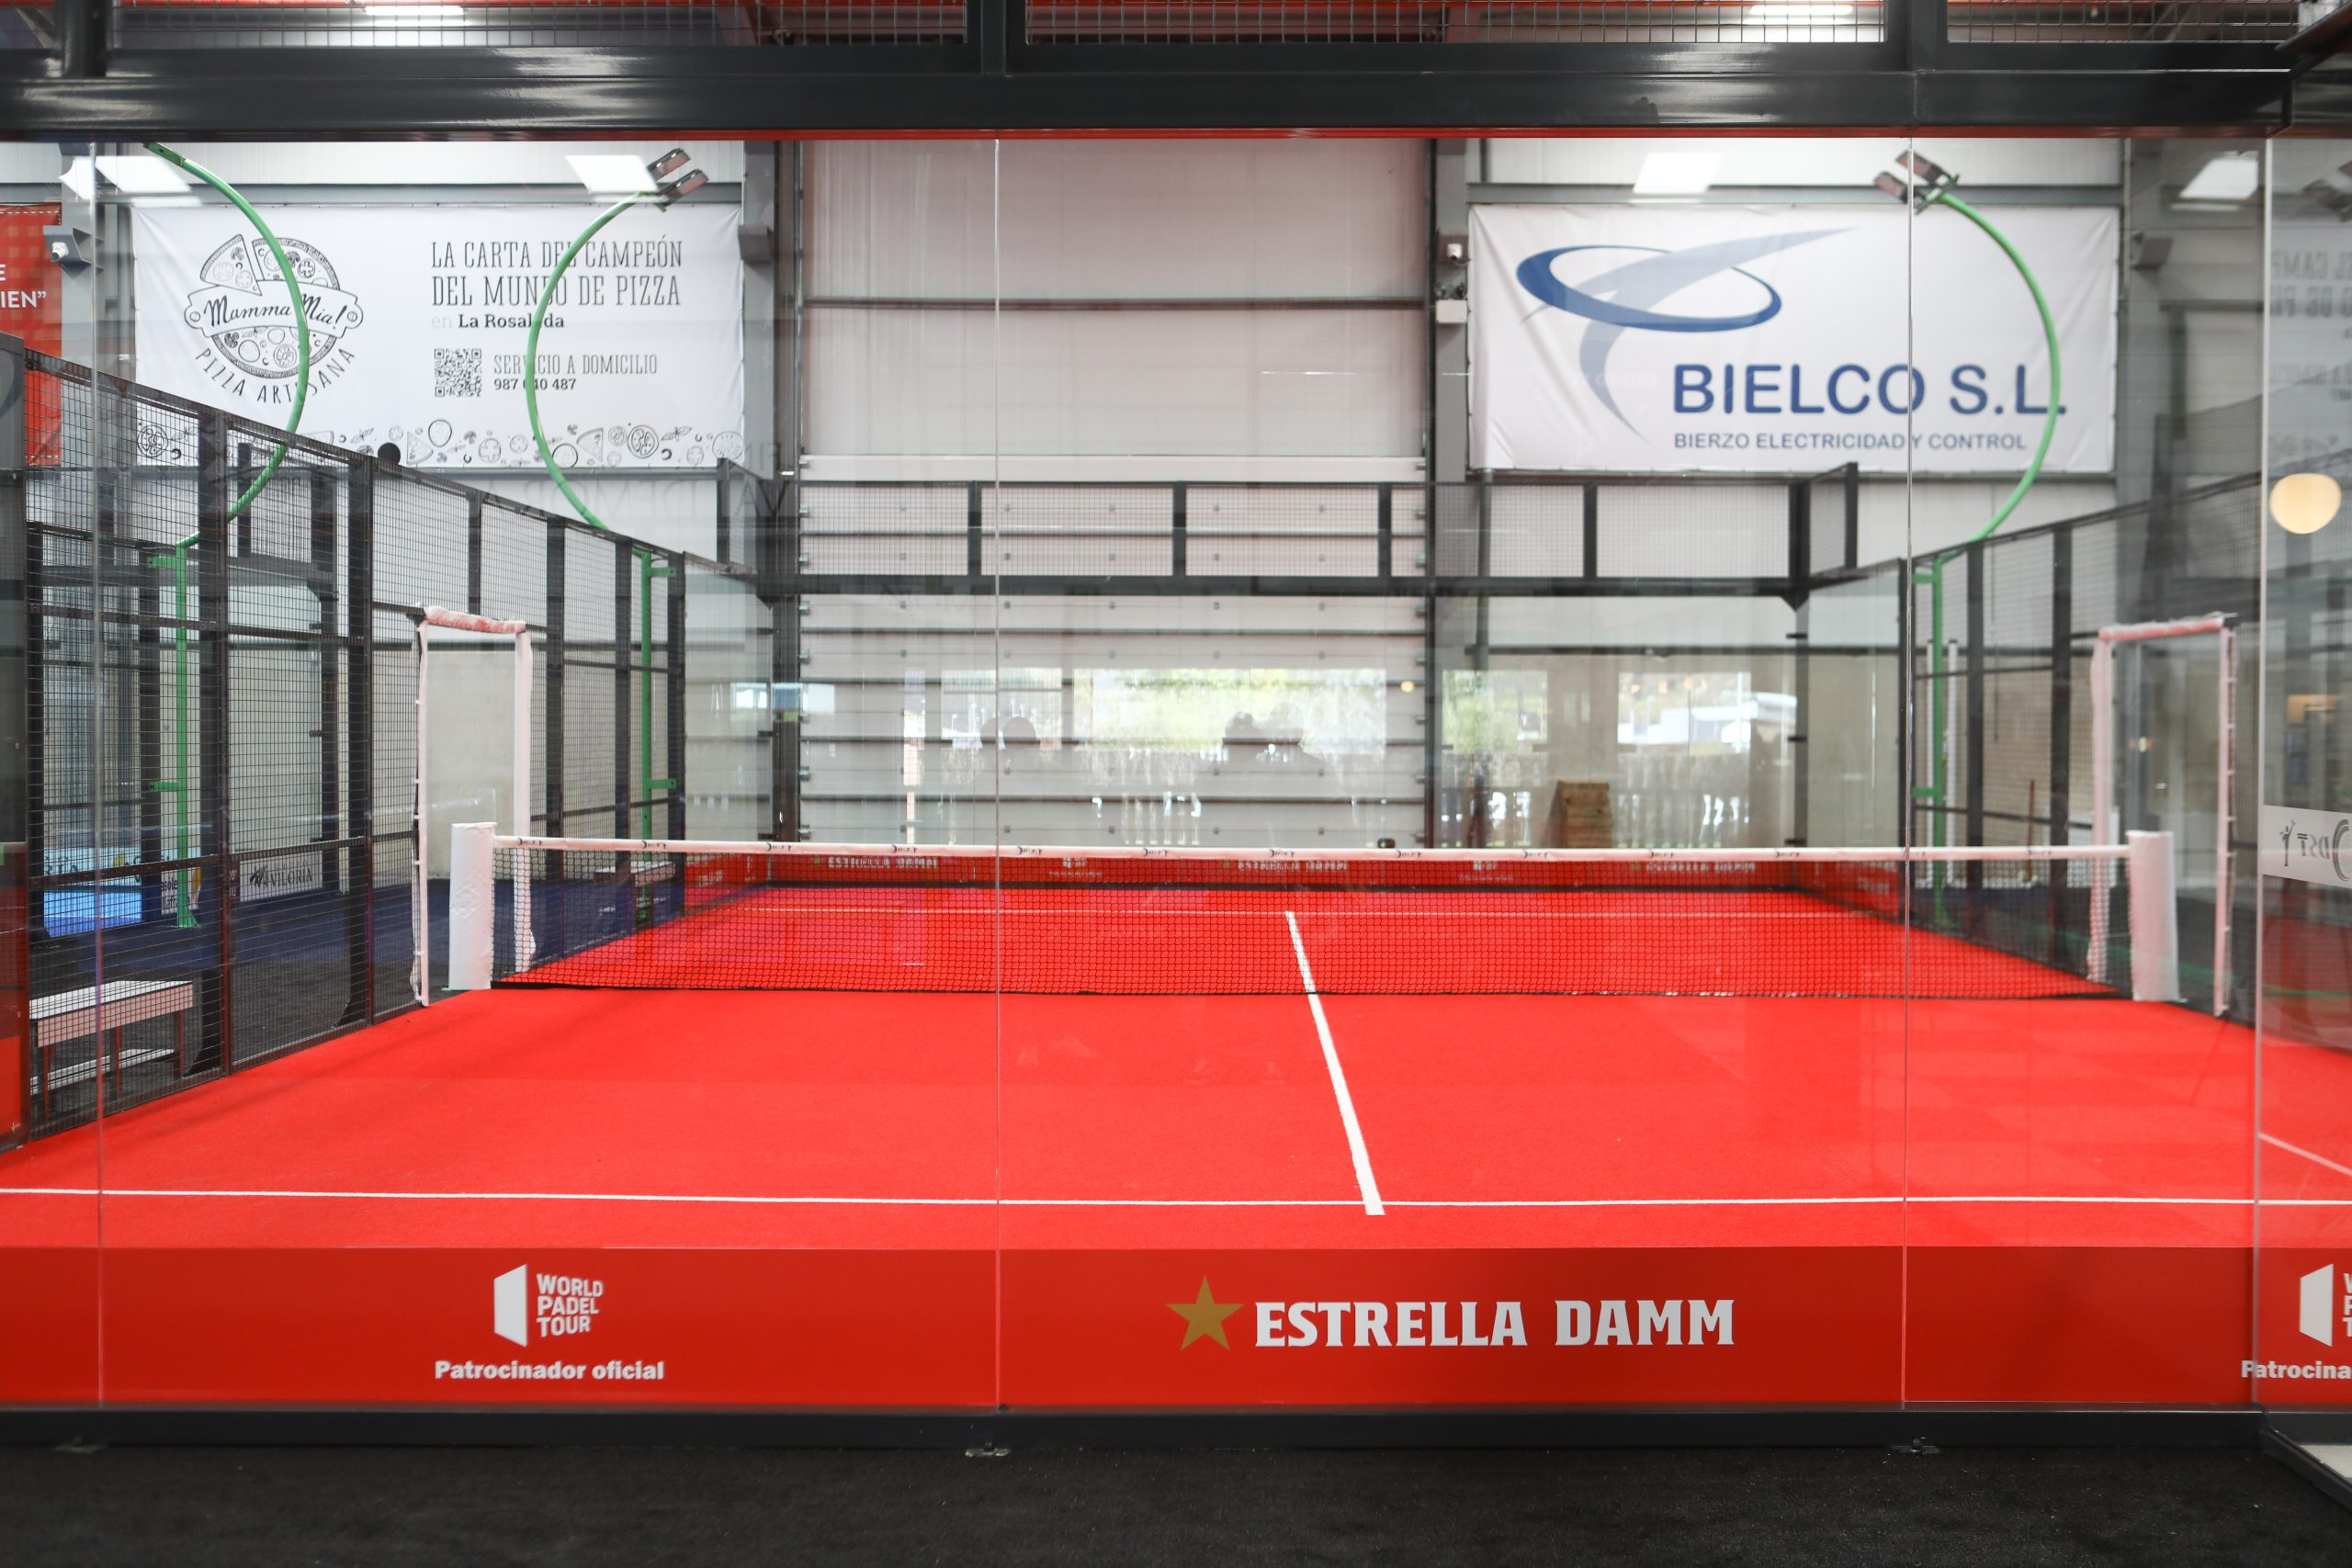 Abre en Bembibre DST Sport, un centro de práctica de pádel de alto rendimiento 13